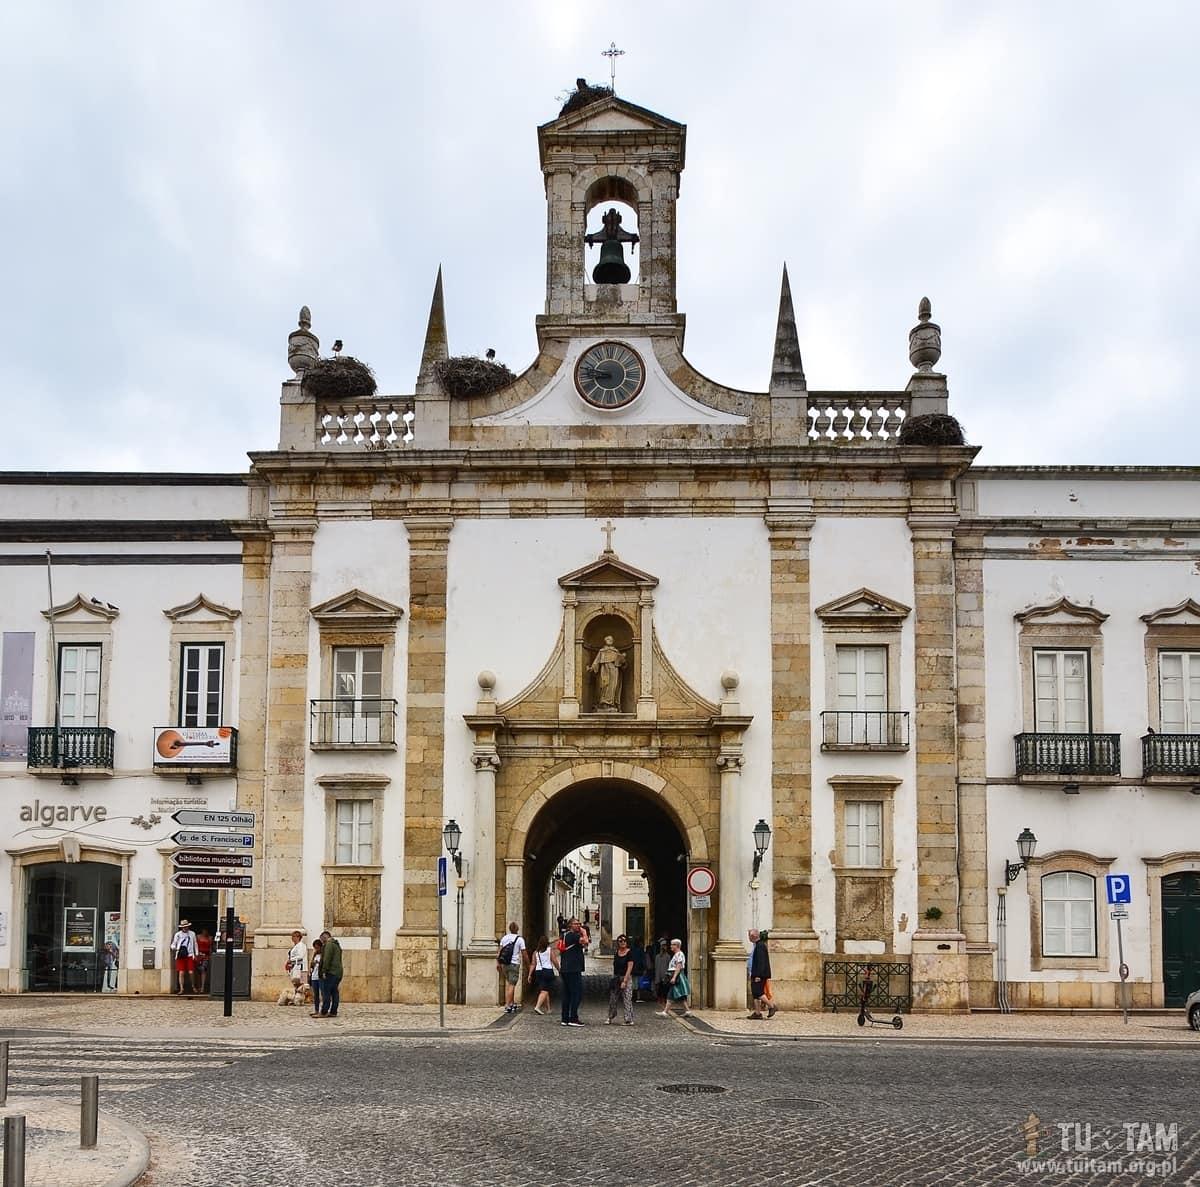 Faro Arco da Vila, Algarve, Portugal